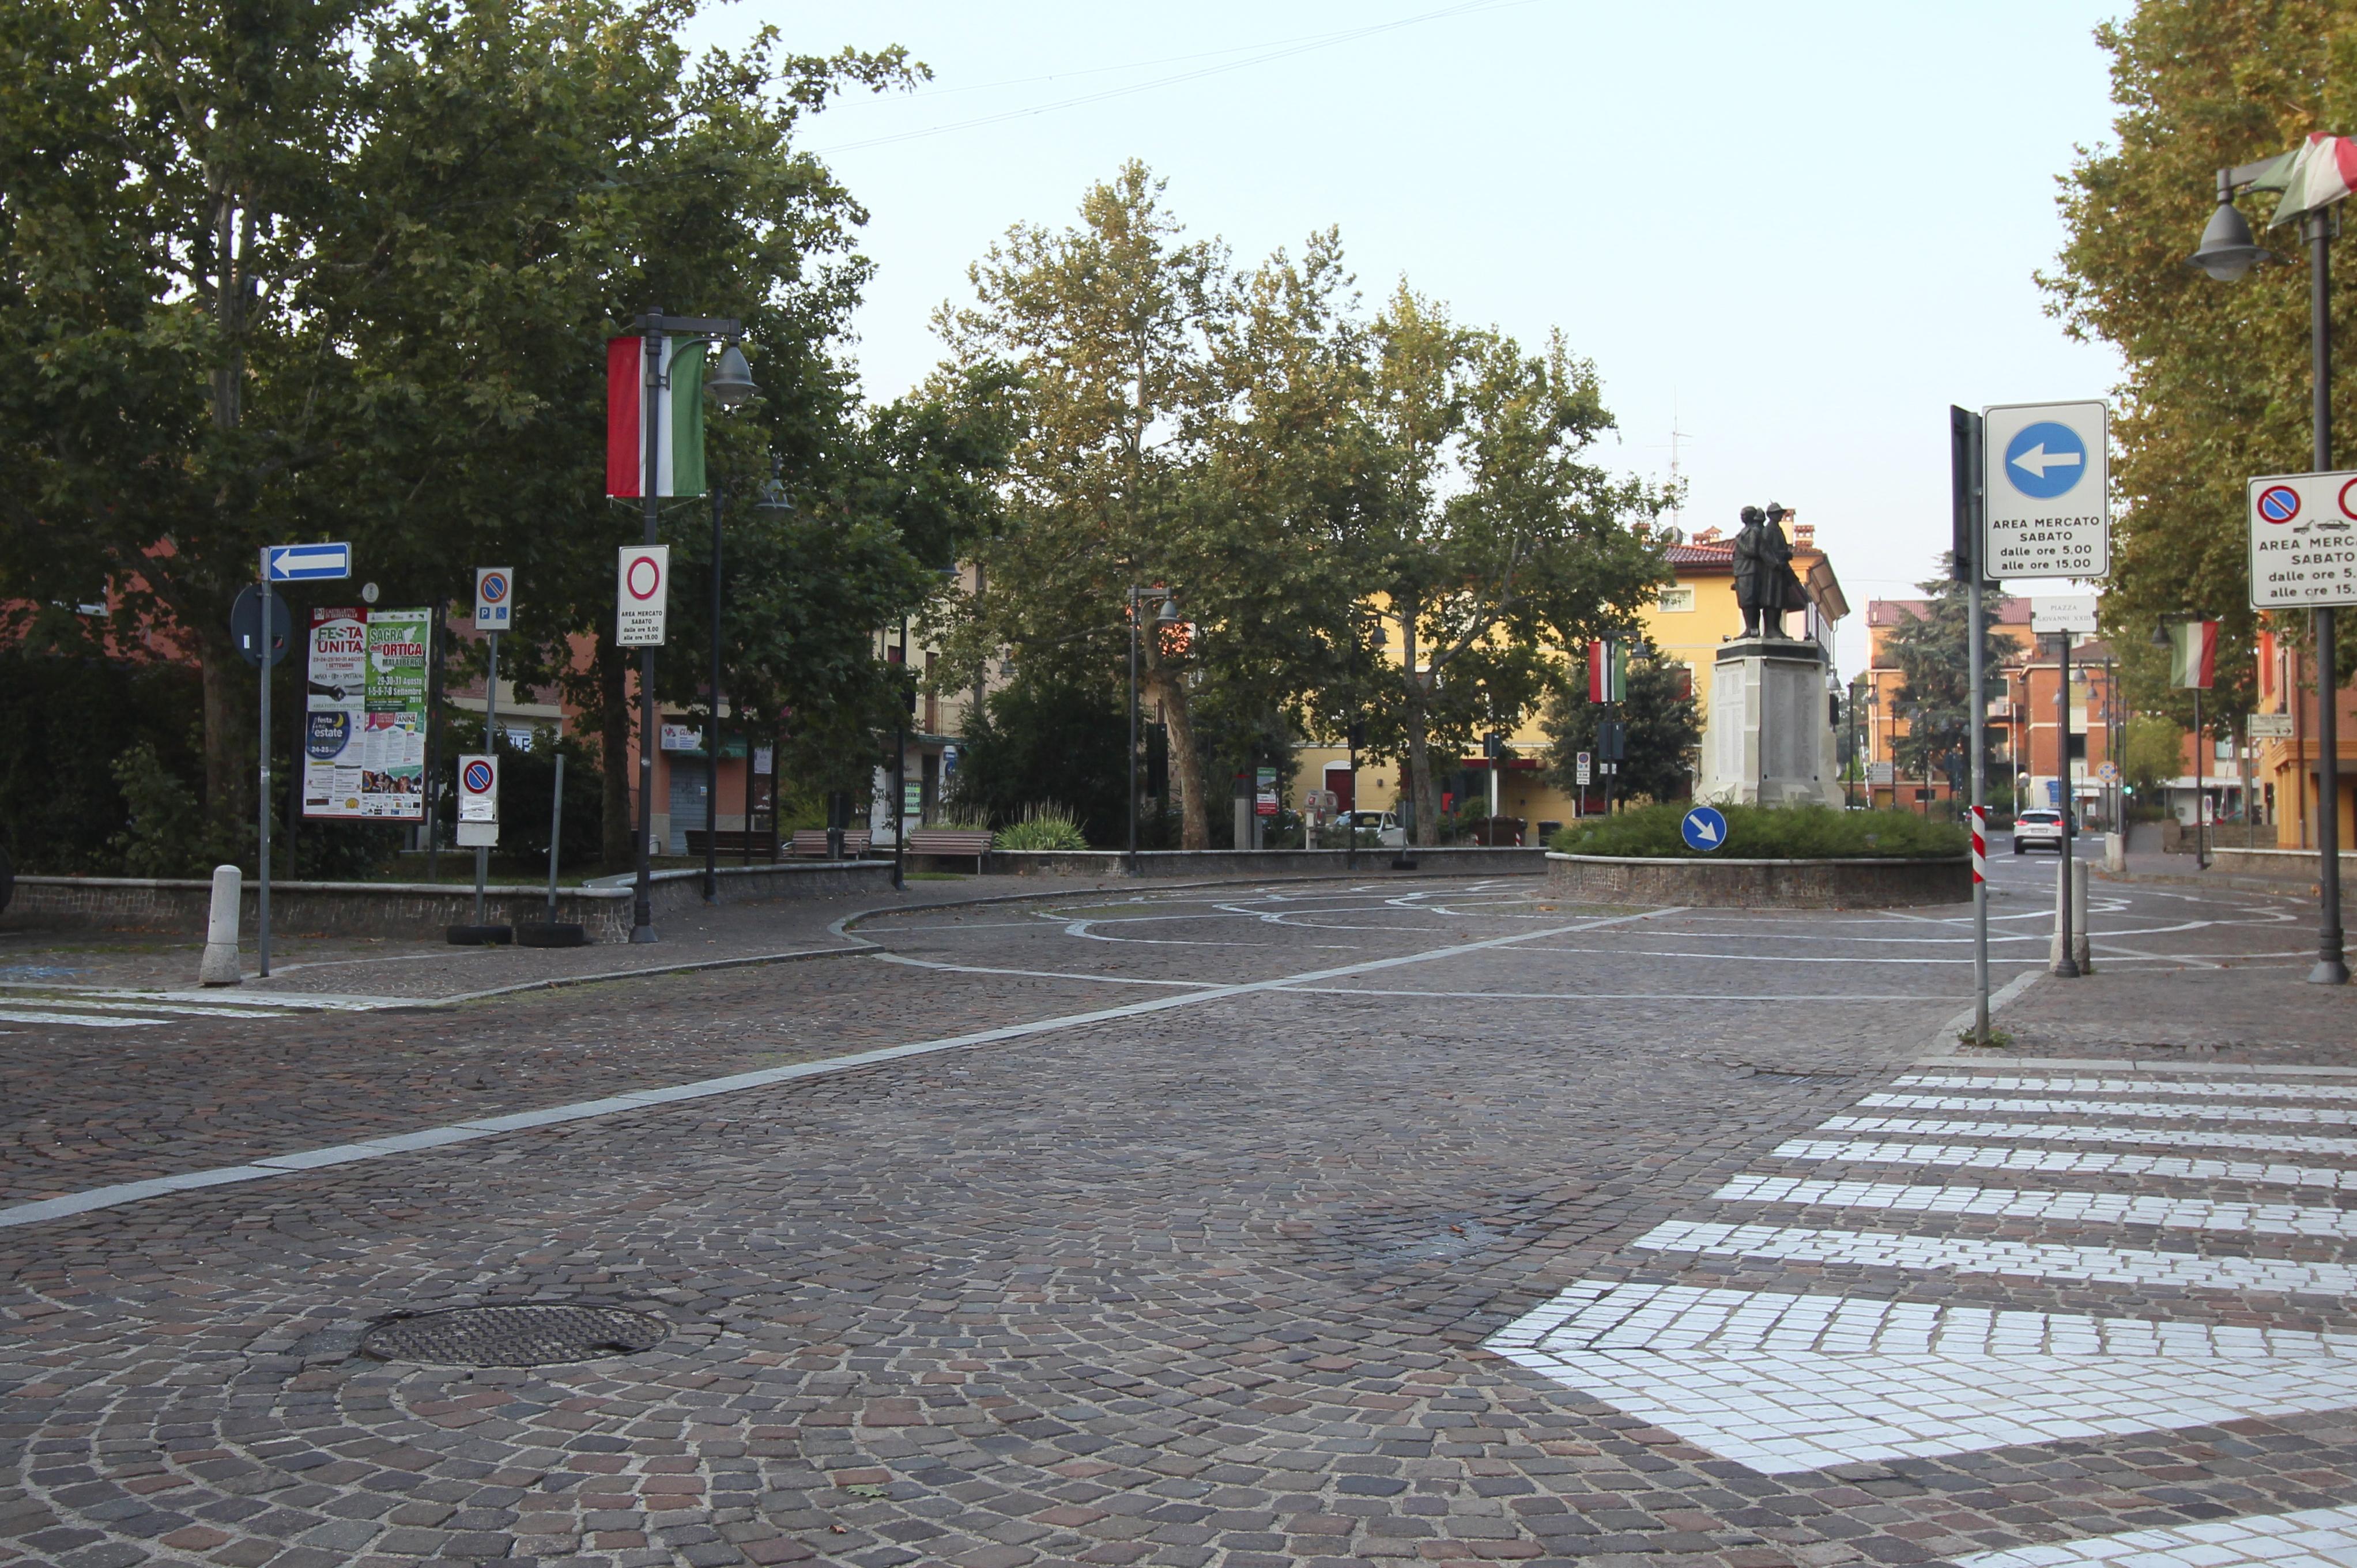 Comune Di Granarolo Dell Emilia anzola dell'emilia - wikipedia